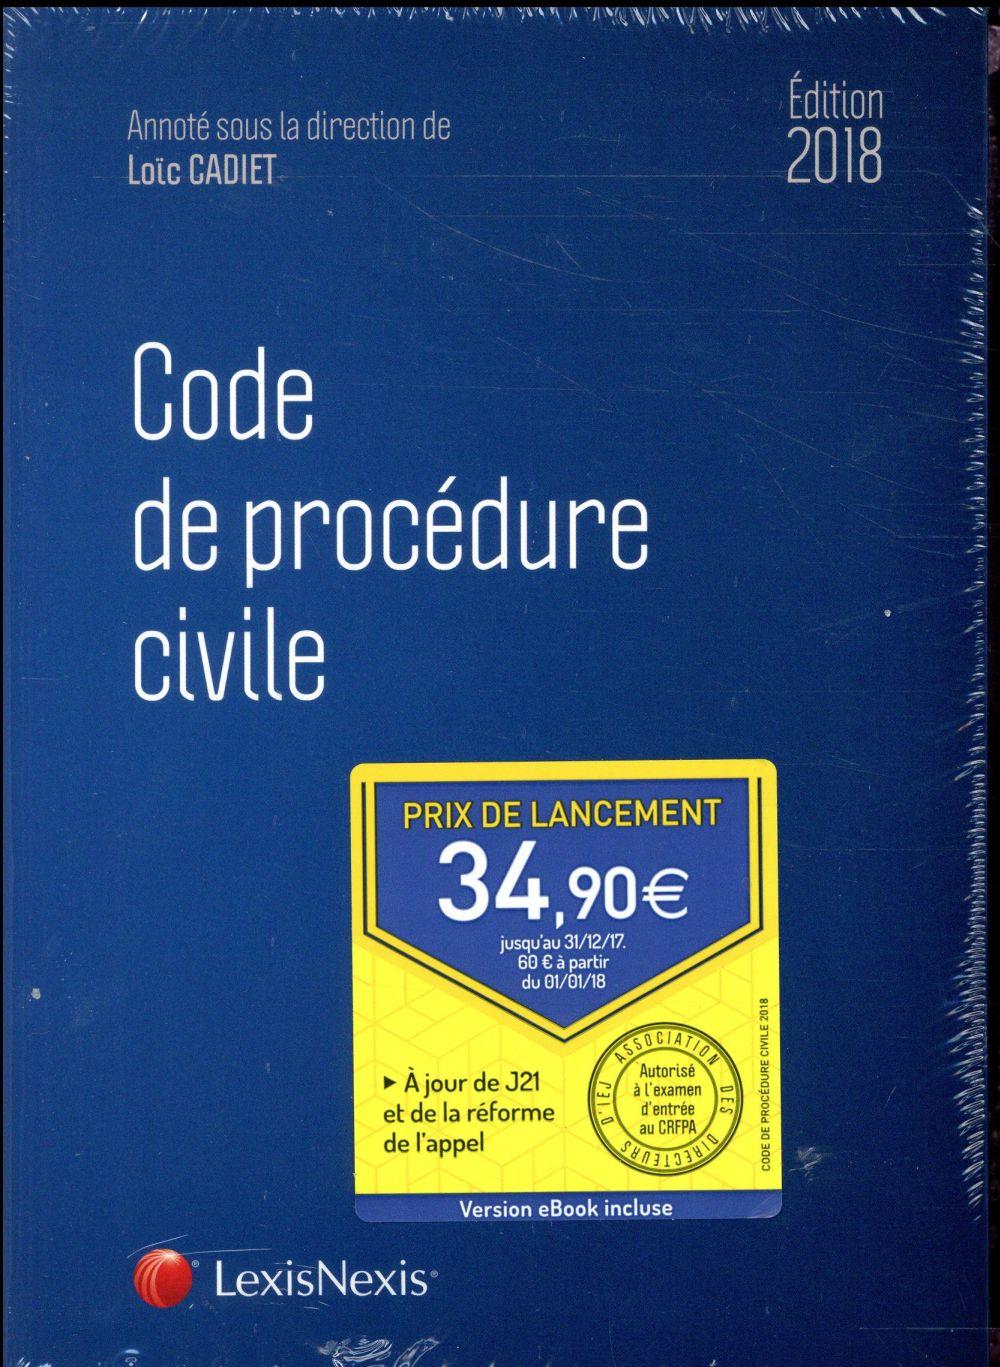 Code de procédure civile (édition 2018)